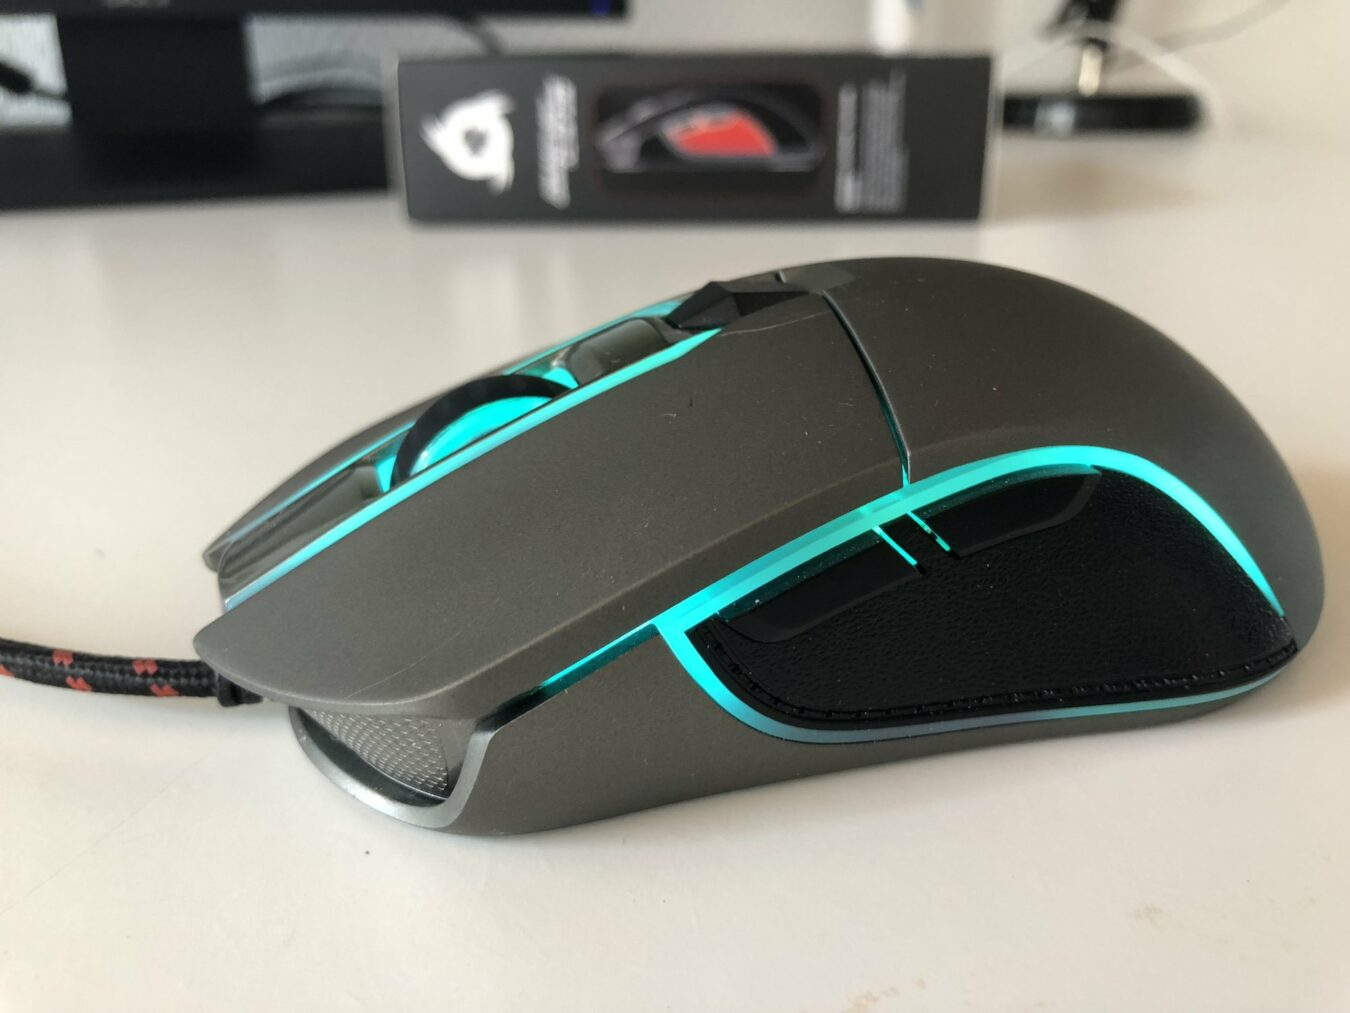 Photo de Test – Klim AIM, une souris gamer complète et abordable